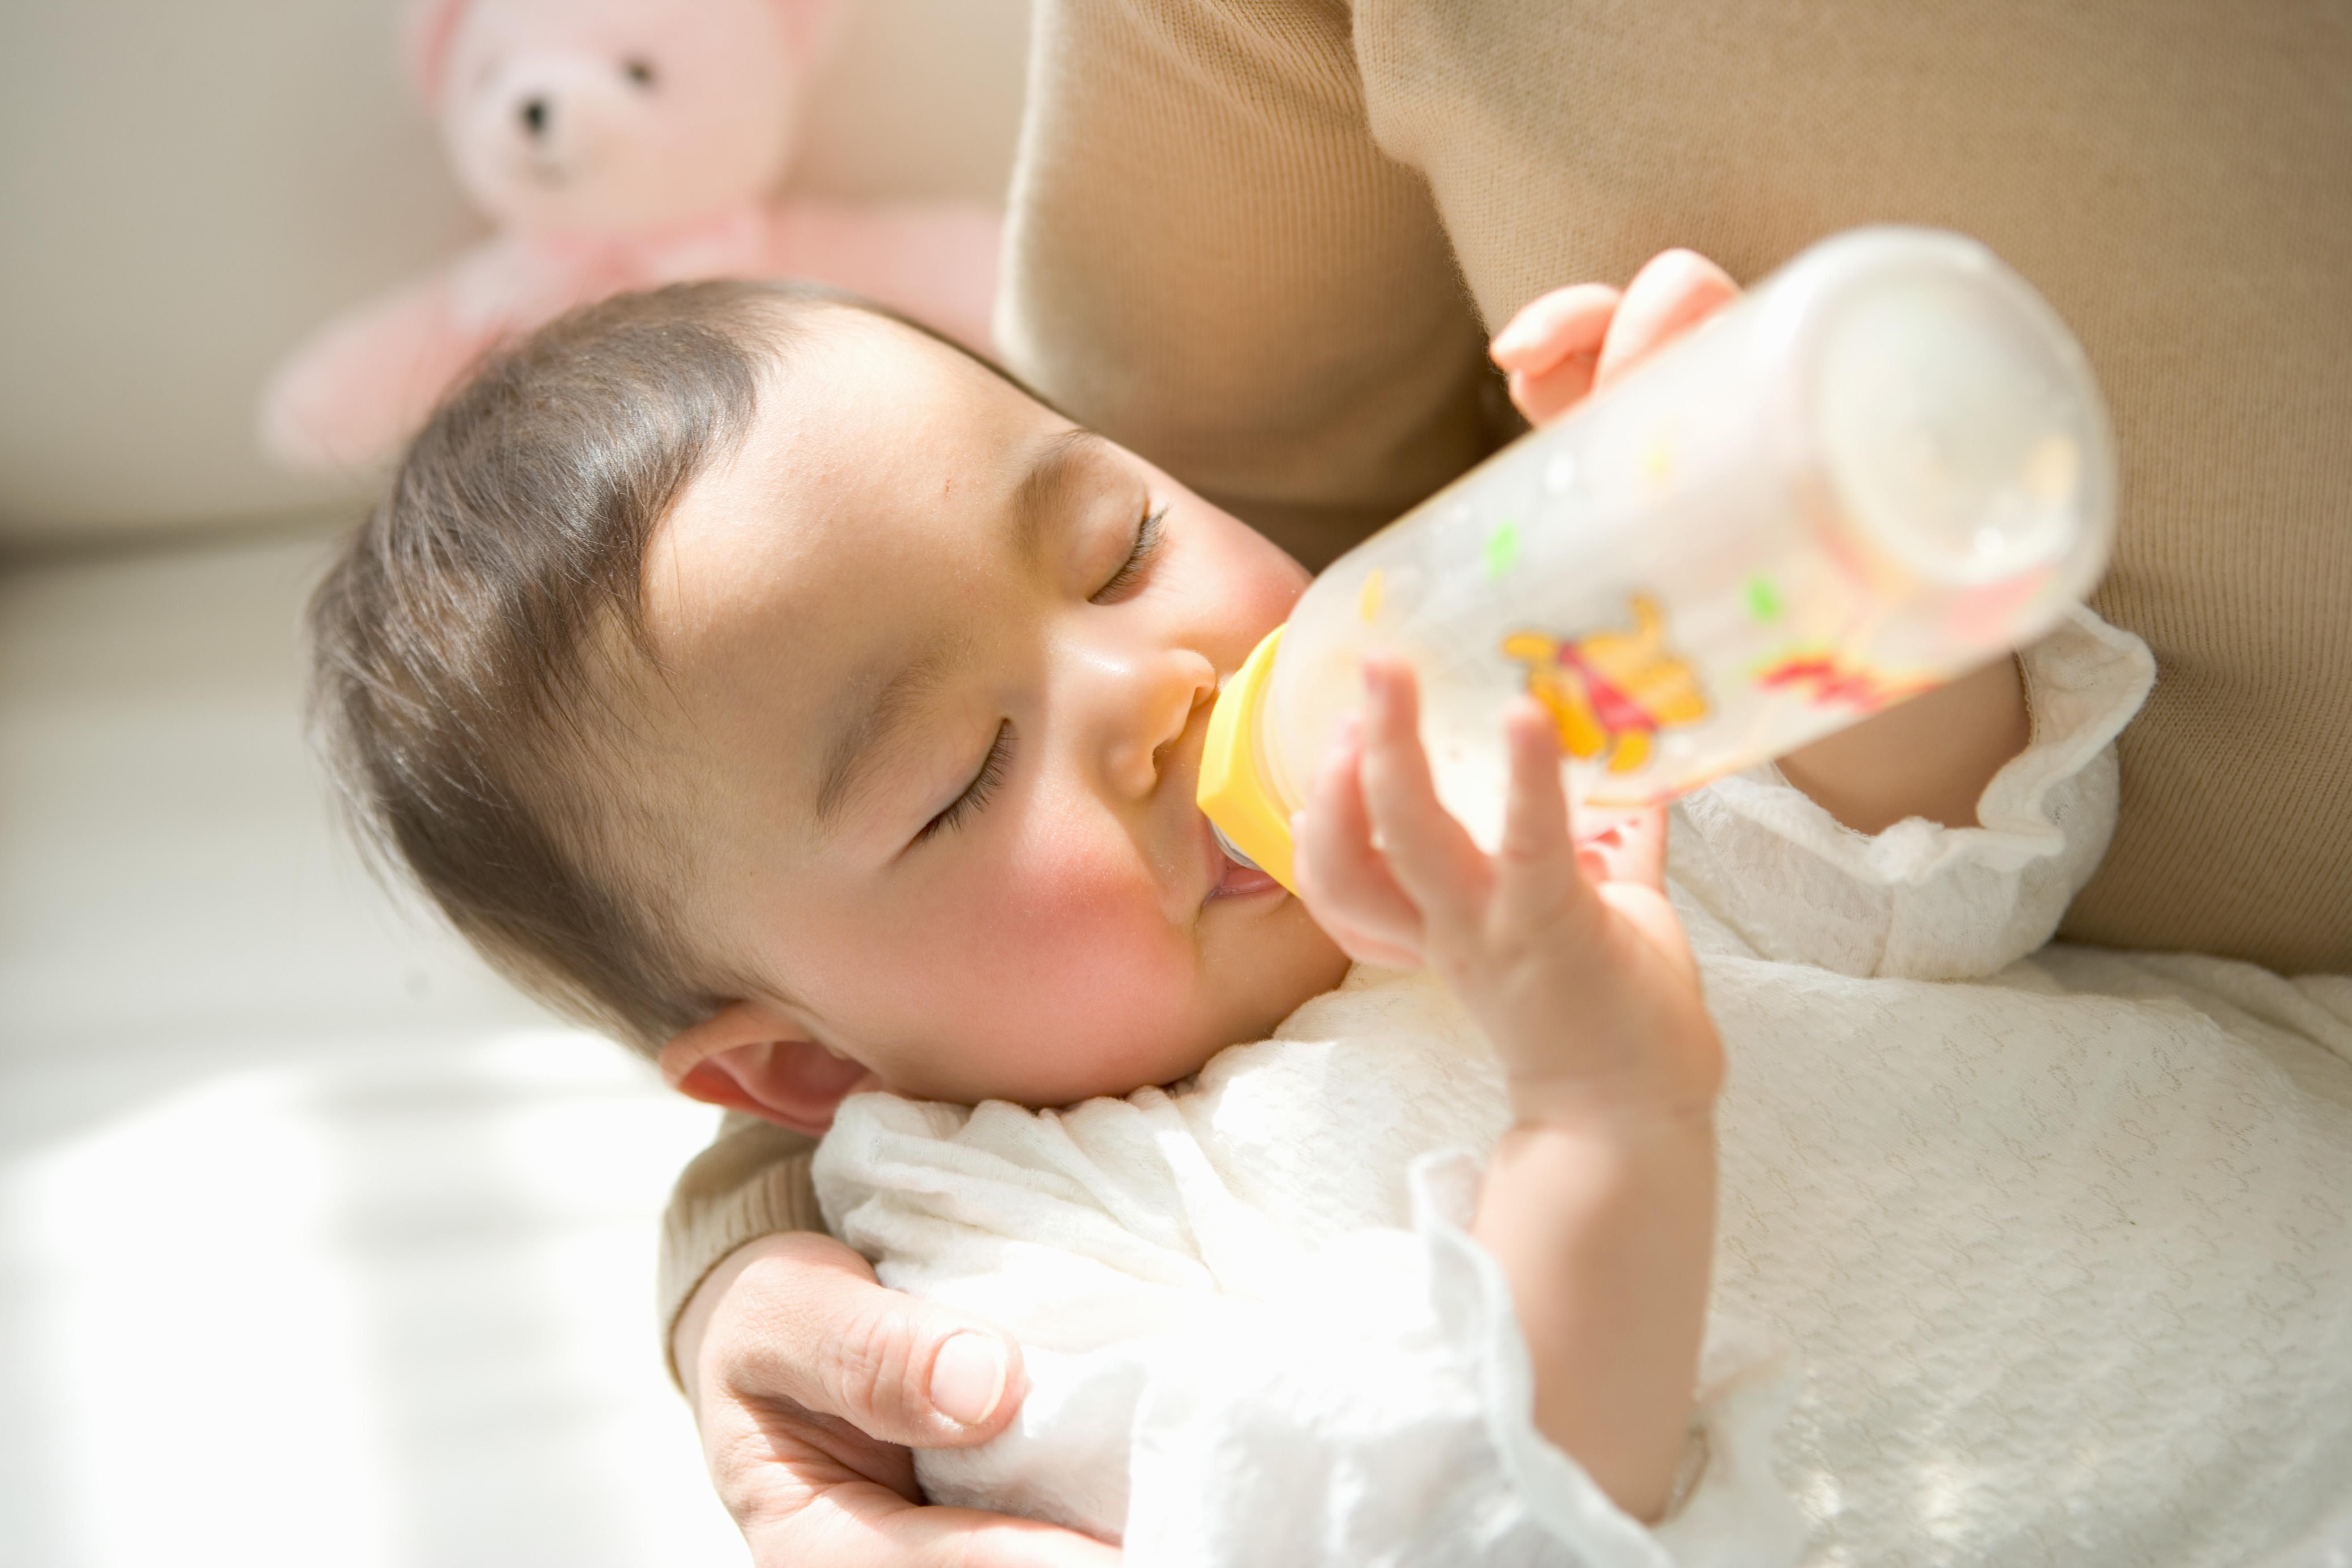 sữa tăng cân nhanh cho trẻ